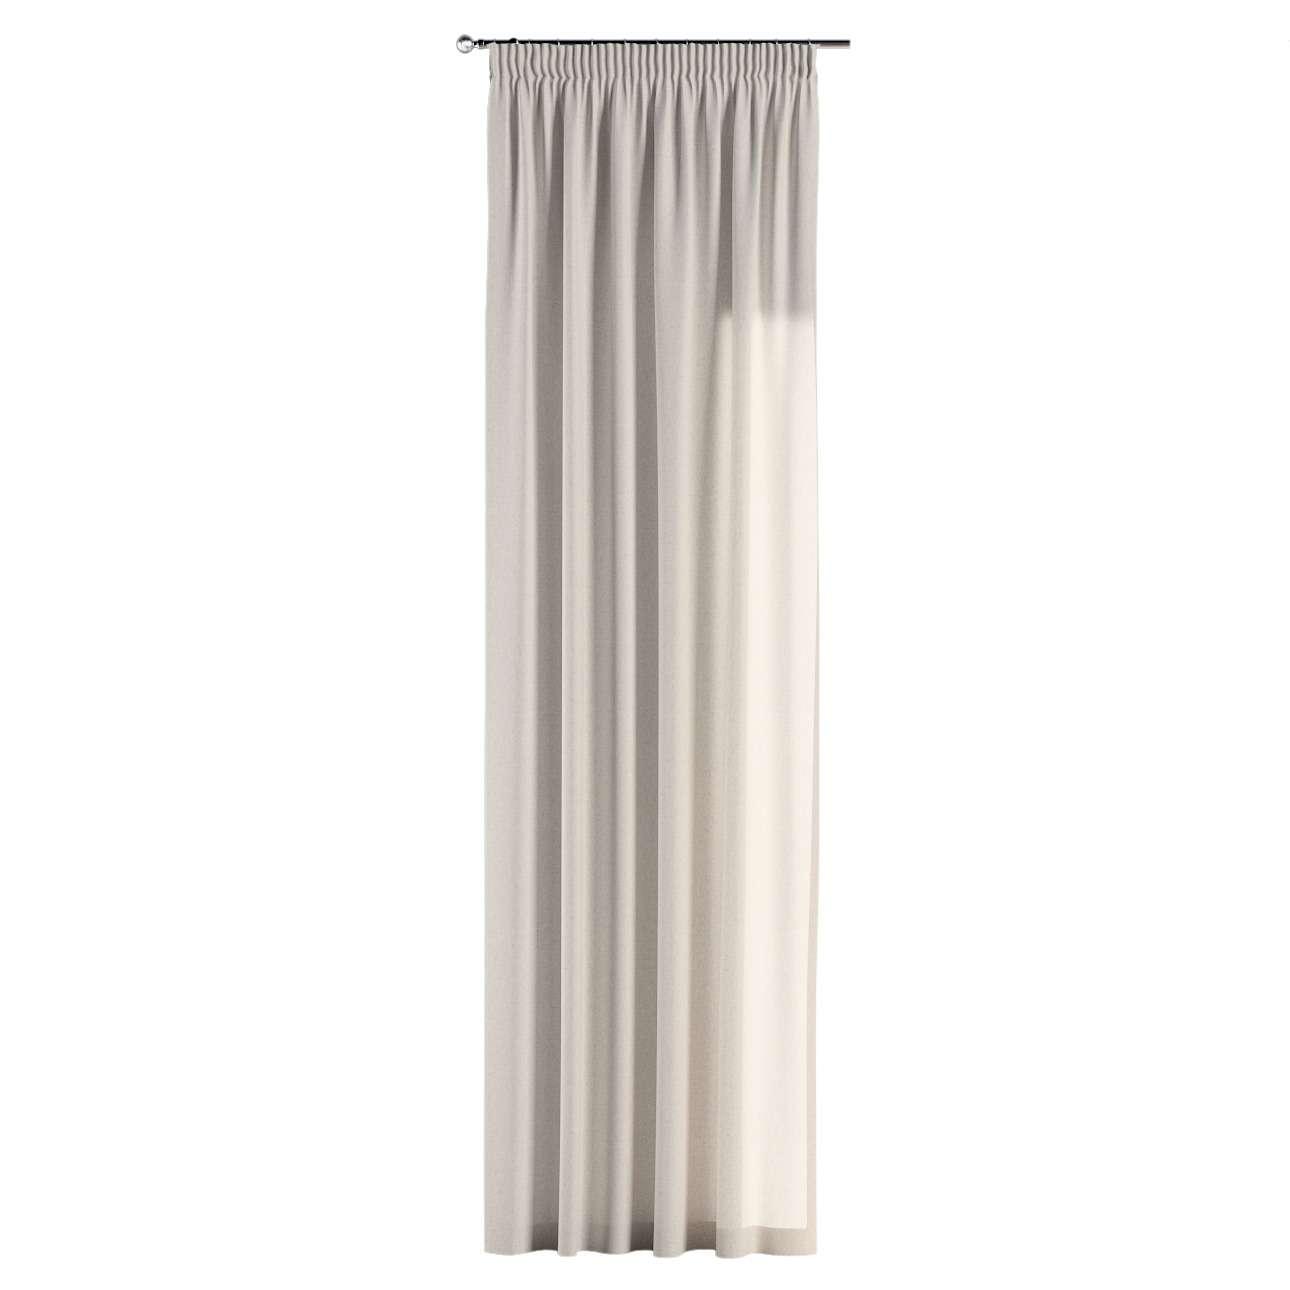 Vorhang mit Kräuselband von der Kollektion Loneta, Stoff: 133-65